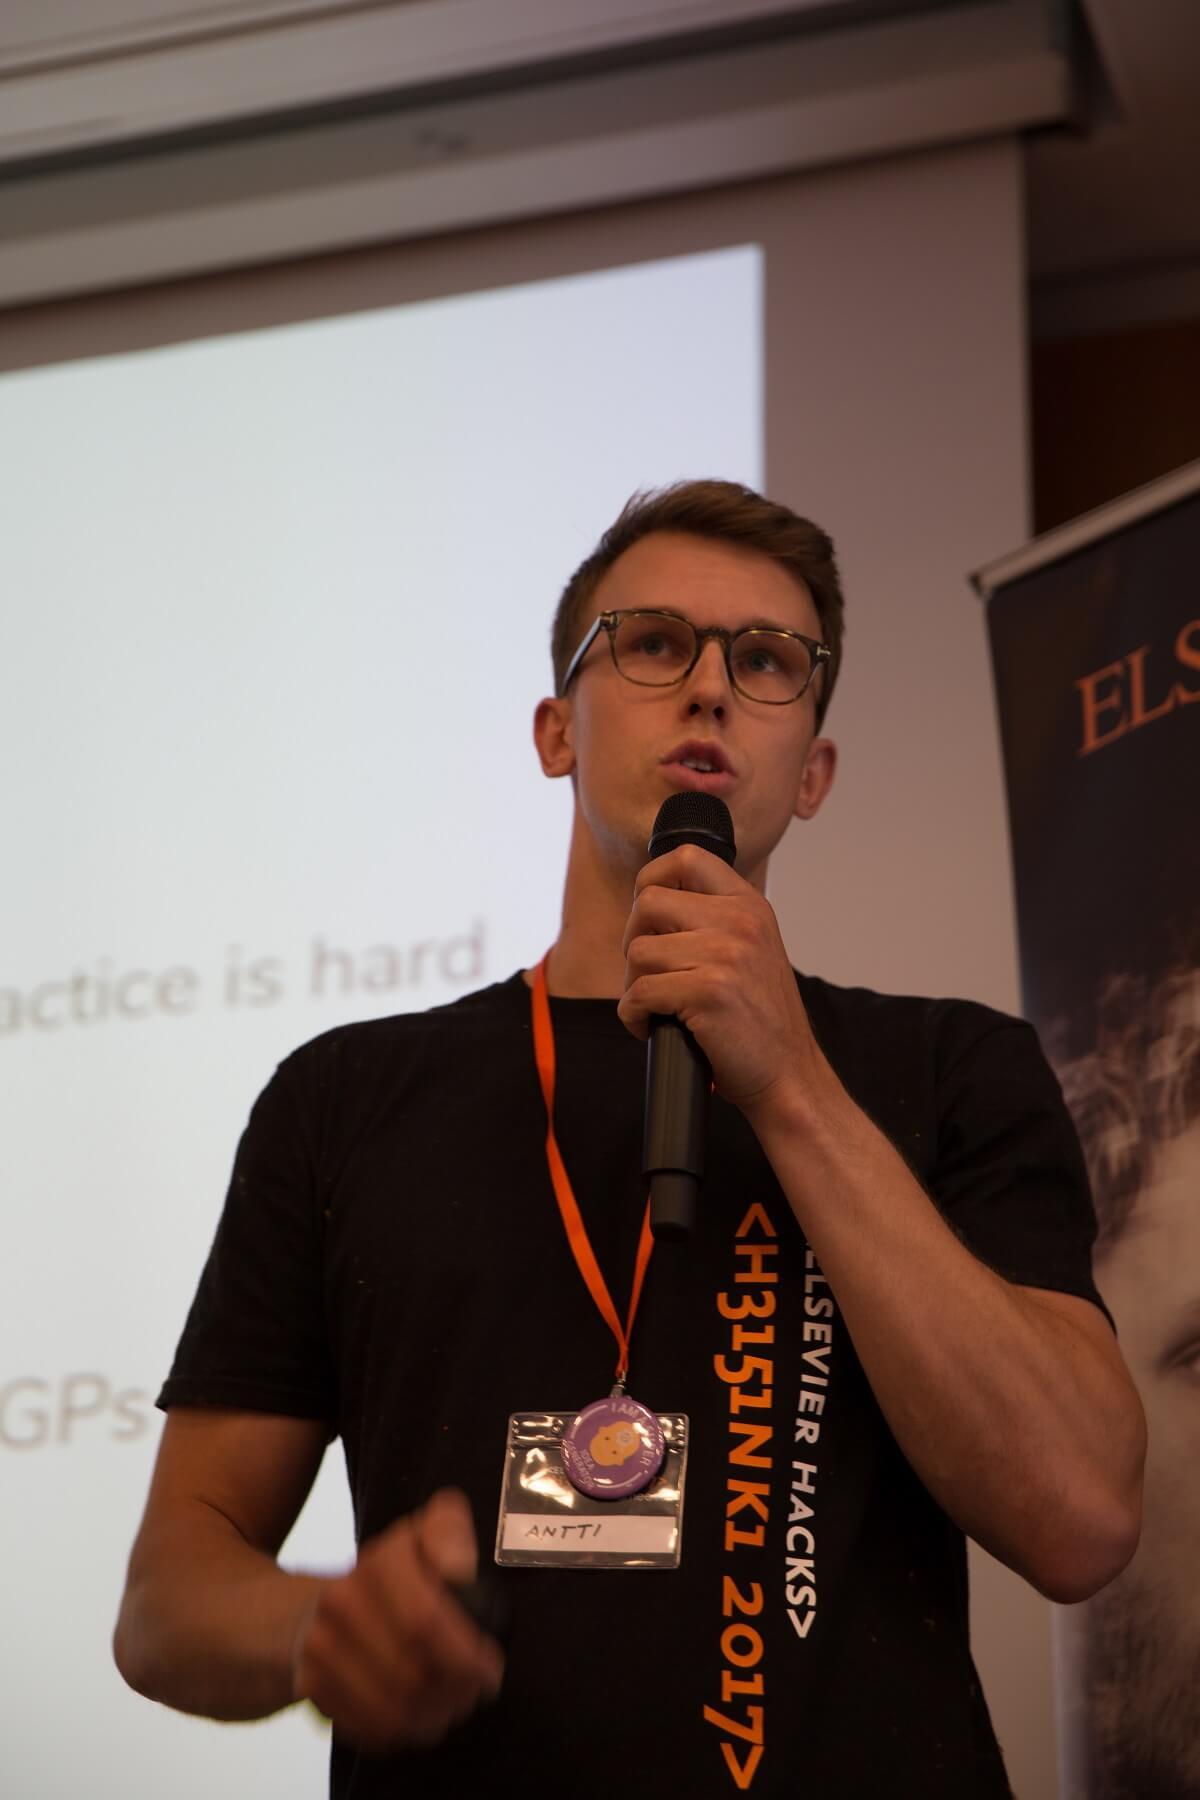 Antti Mauno presenting